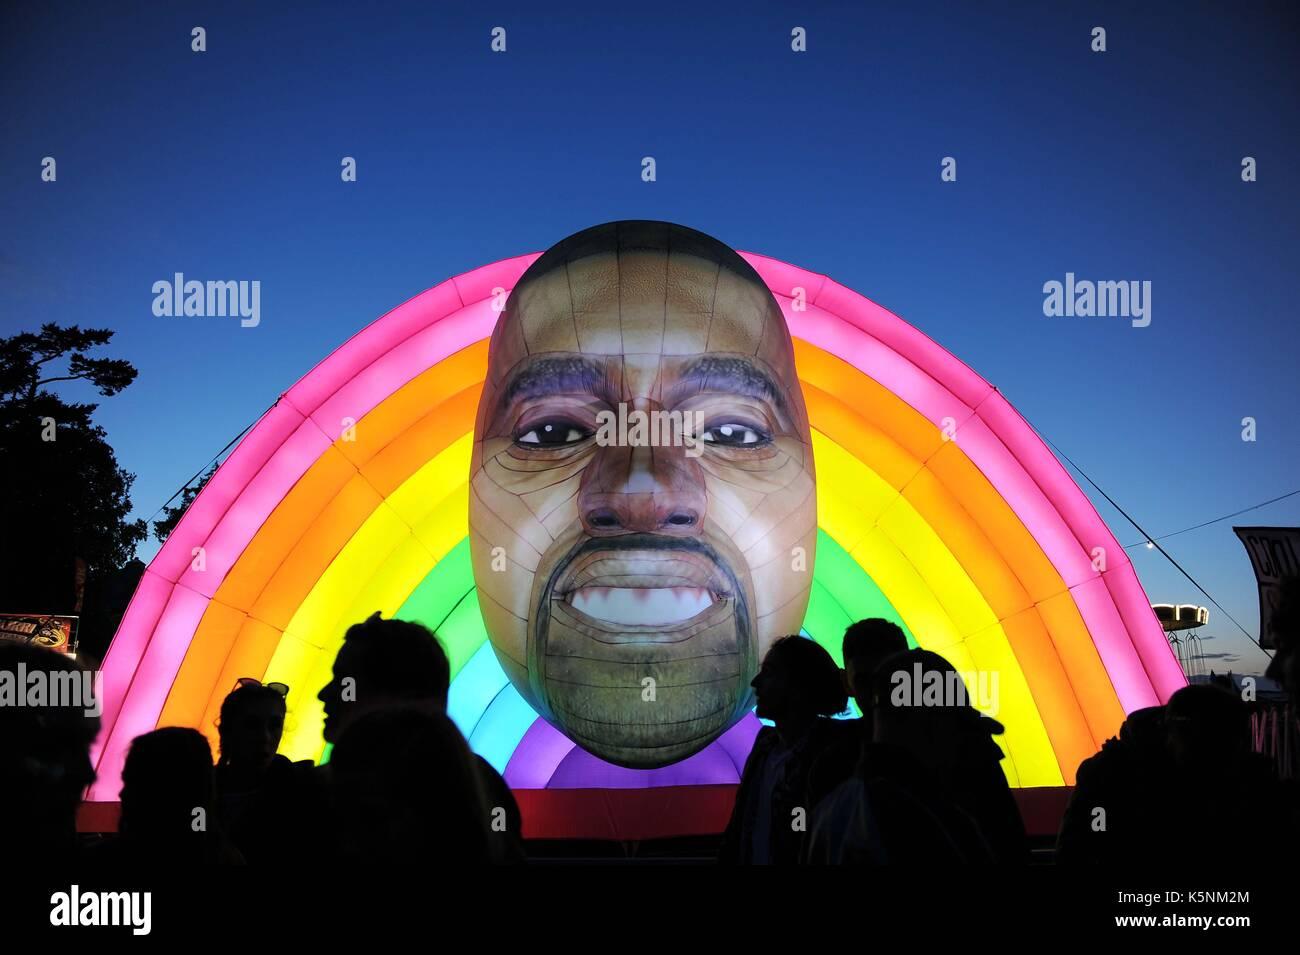 Almofada insuflável Kanye West no bestival festival de música. almofada insuflável Kanye West crédito: Imagens de Stock